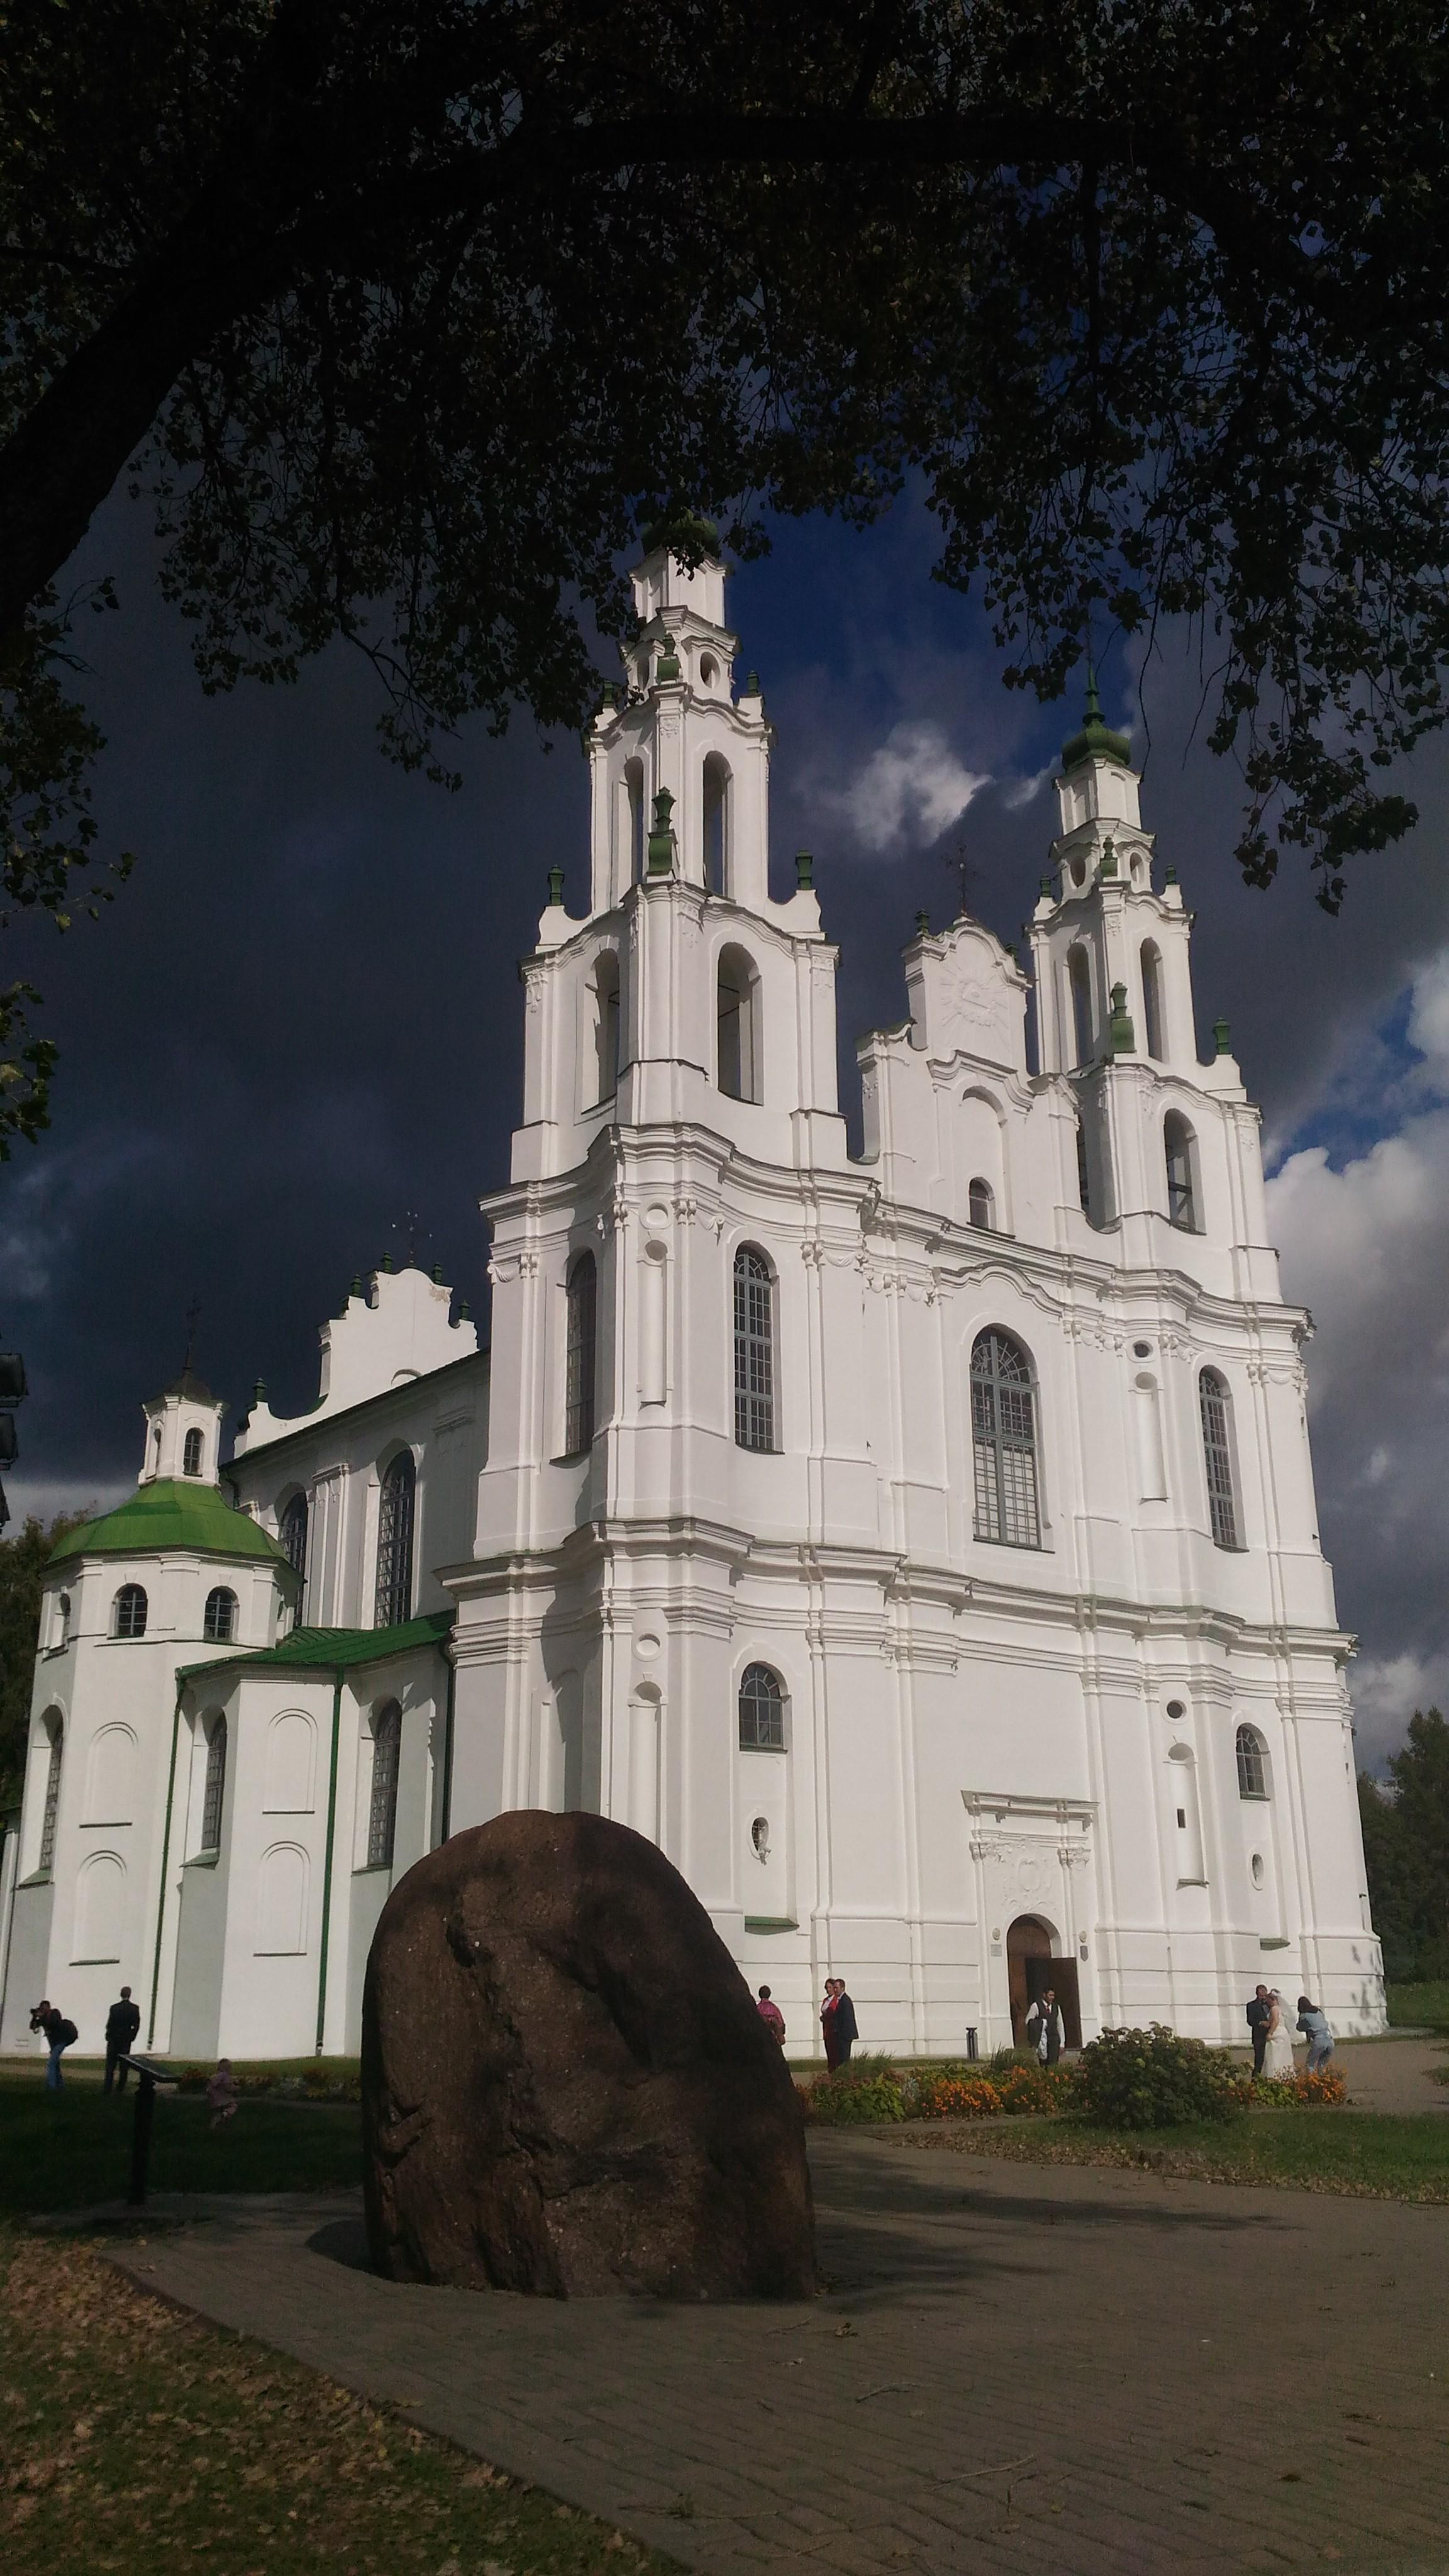 P 20190914 140015 - Софийский собор в Полоцке